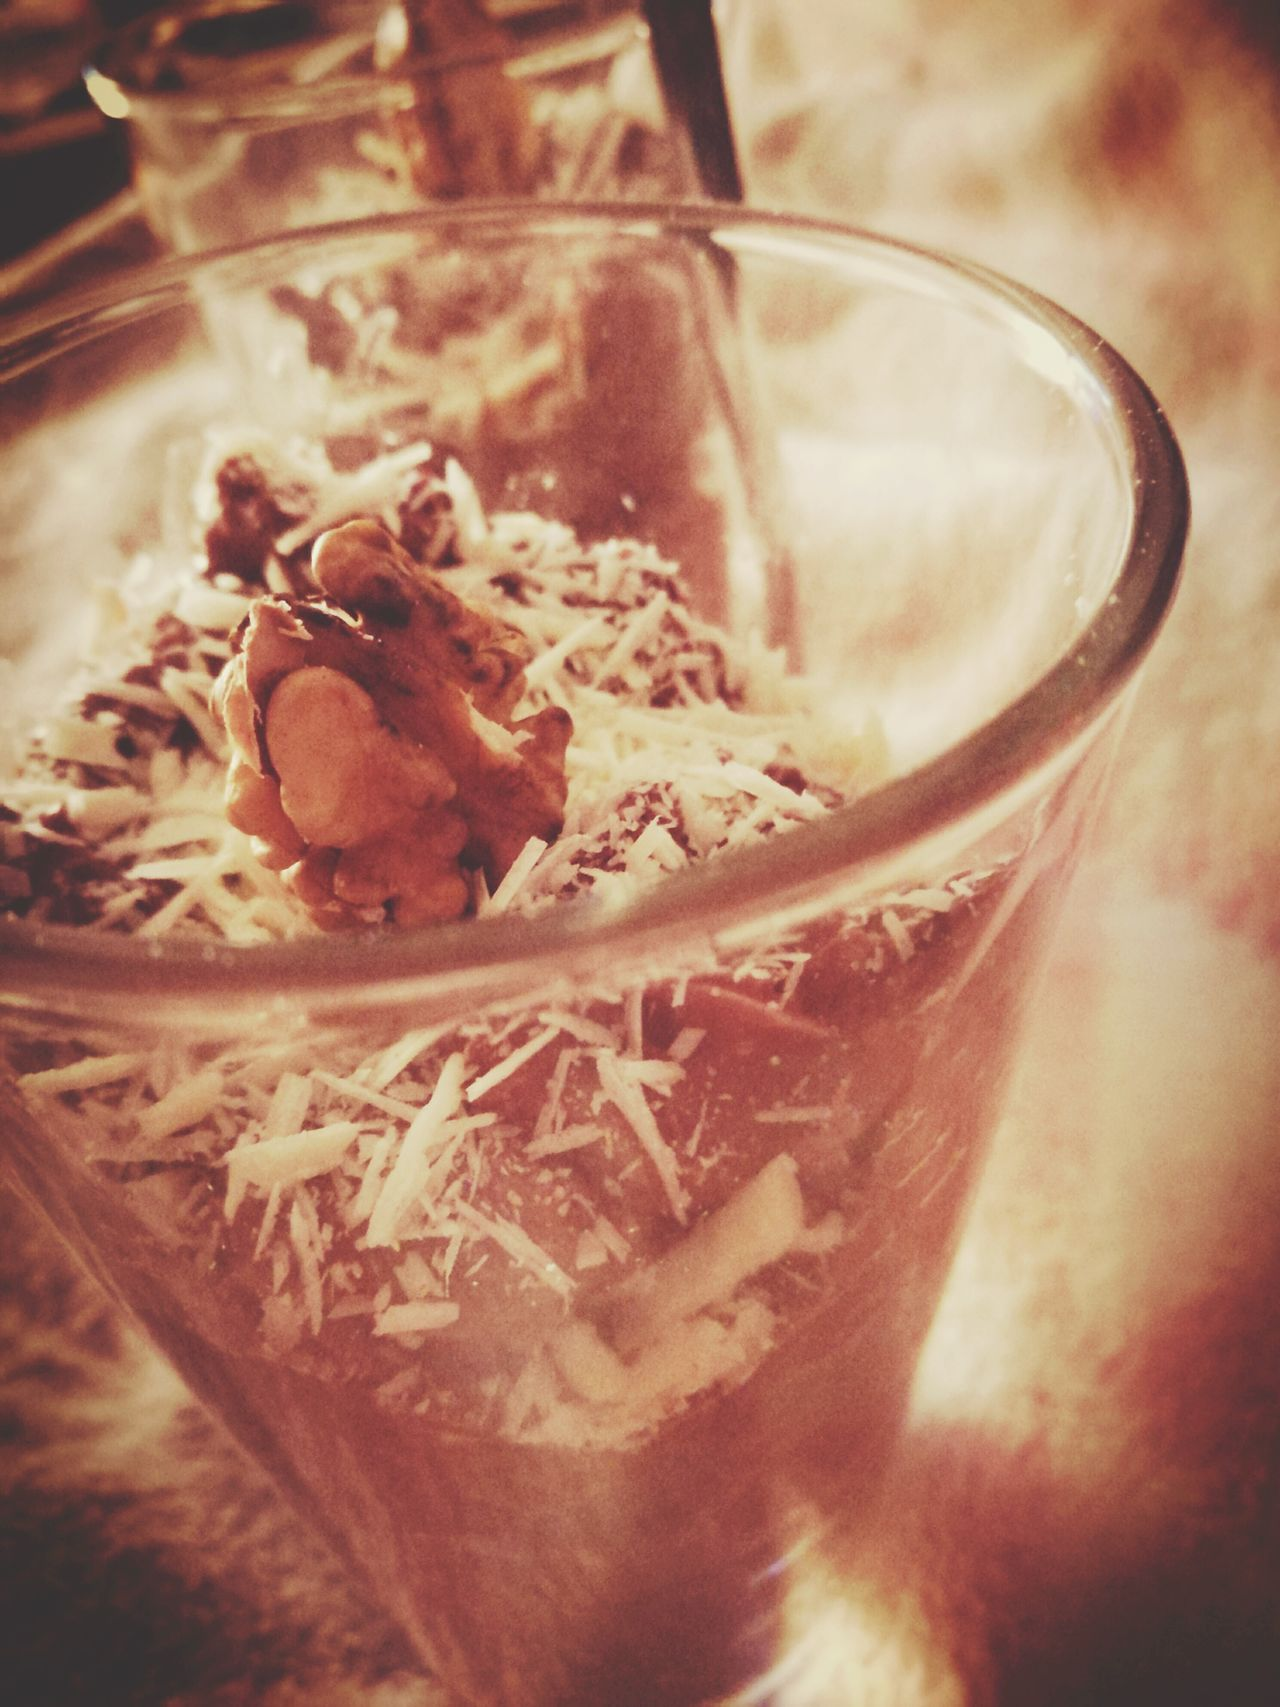 Schokoladencreme mit Raspeln aus weißer Schokolade und Walnuss. Dr. Oetker Triple Chocolate Walnut White Chocolate Foodphotography Food Dessert